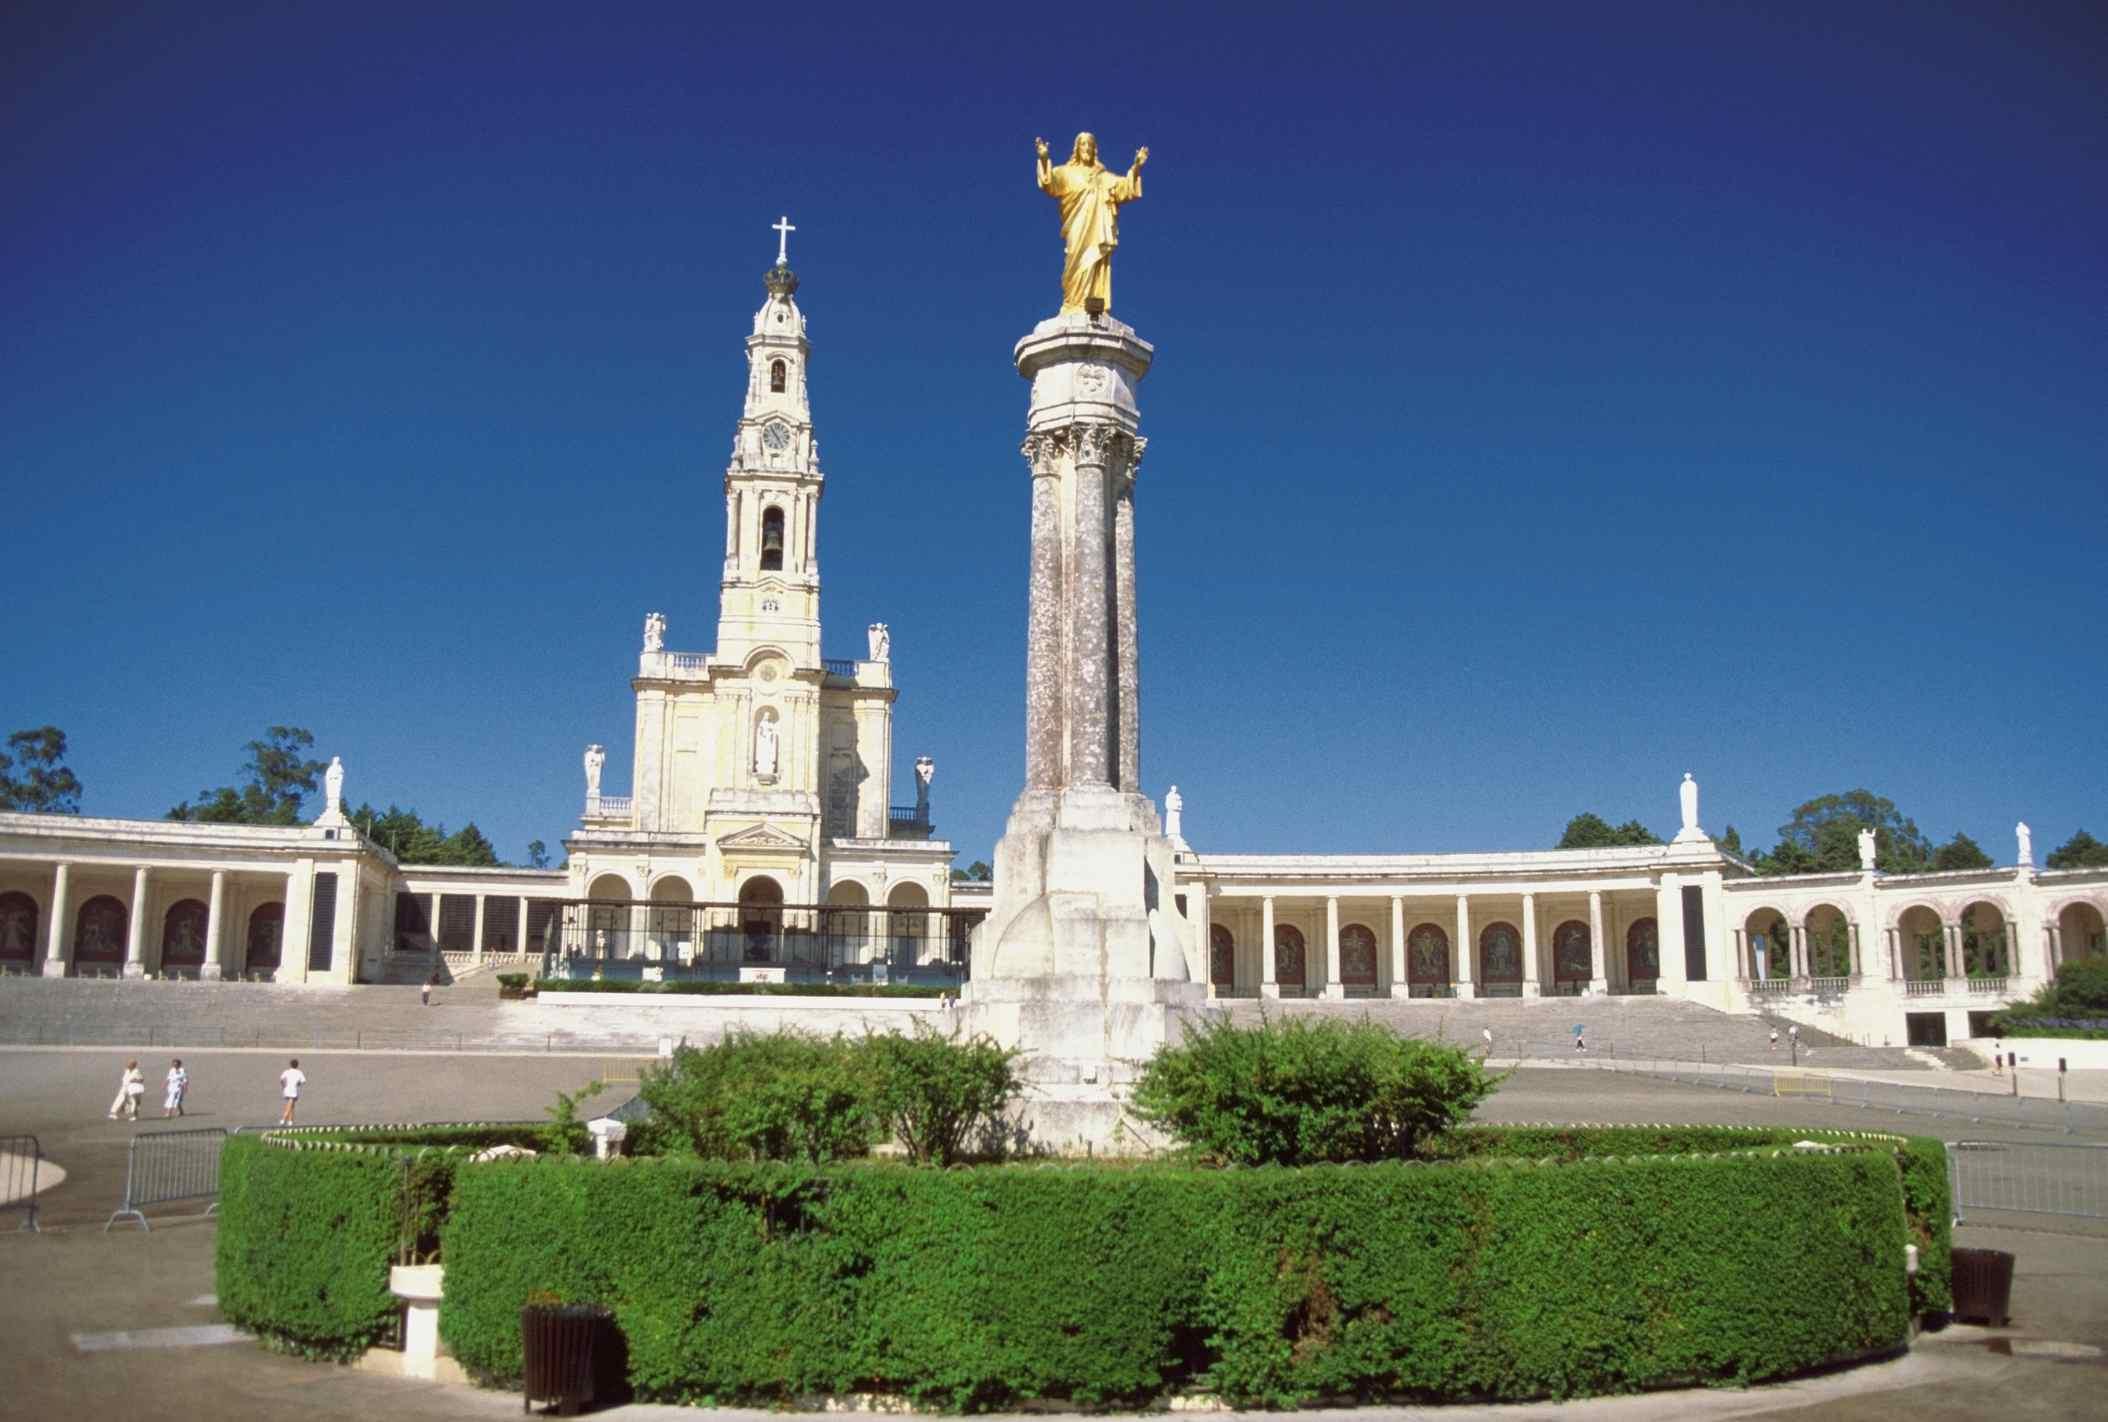 Kết quả hình ảnh cho Sanctuary of Our lady Fatima